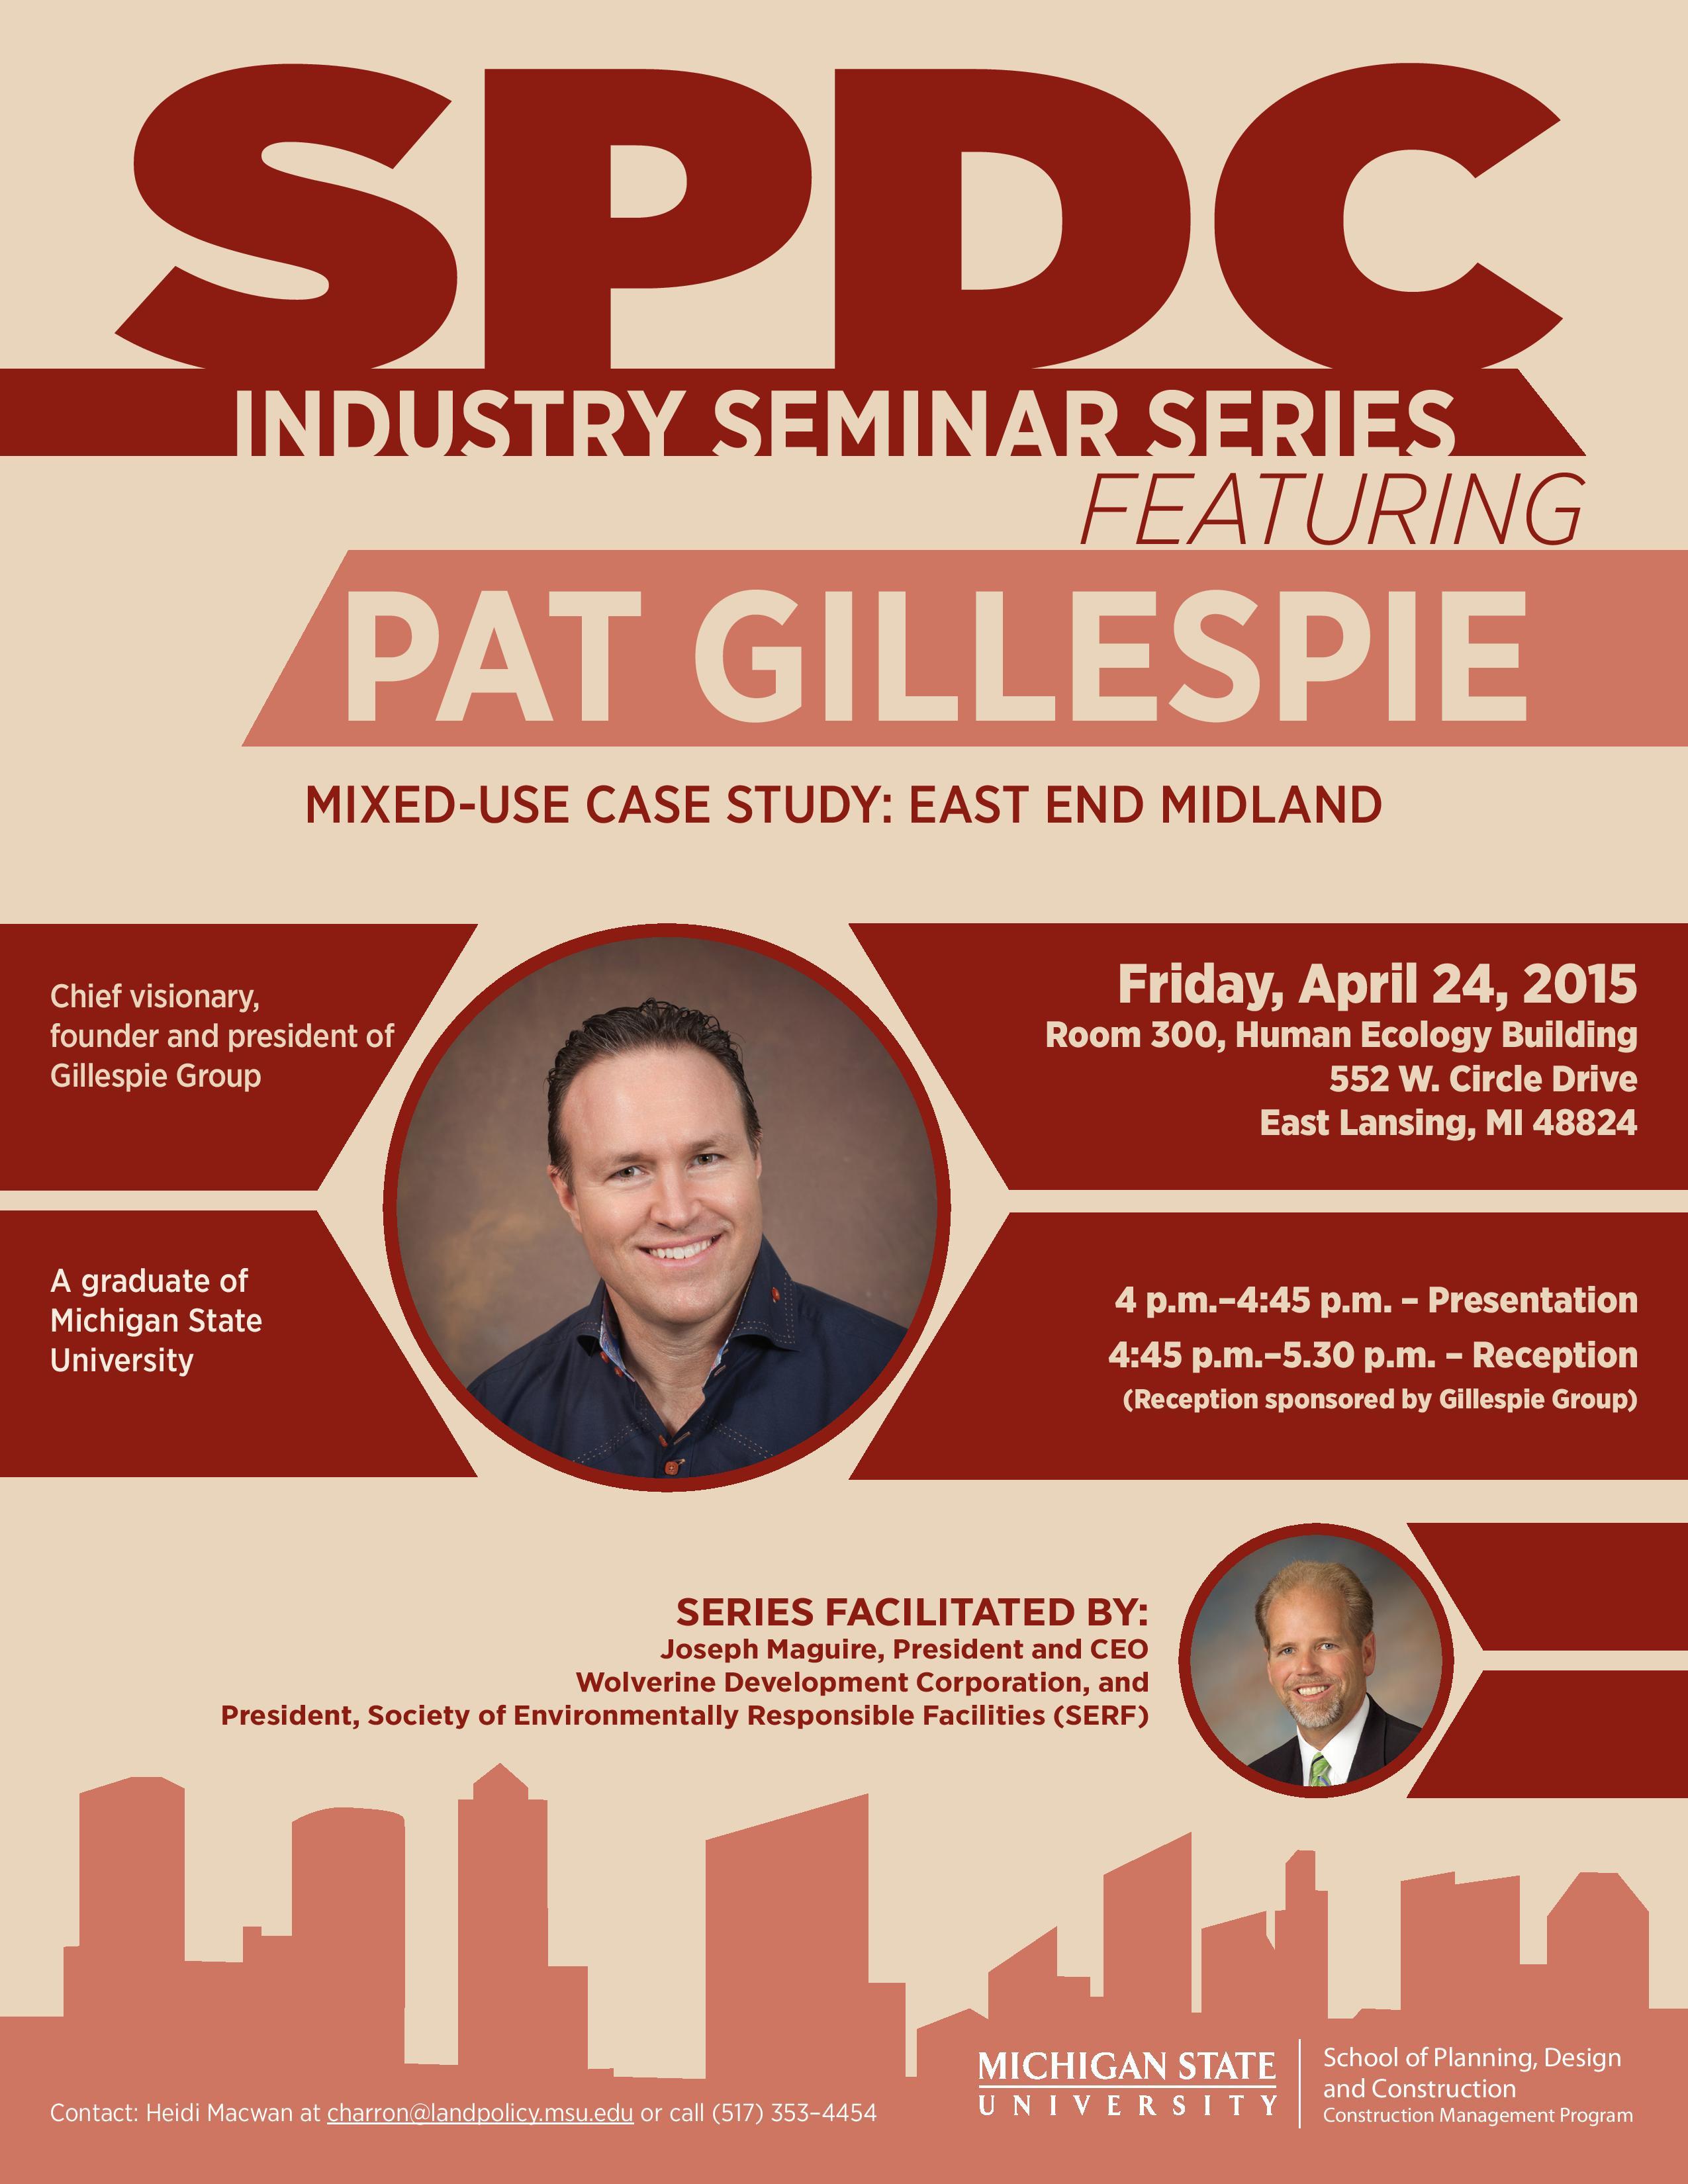 Patgillespie_SPDCINdustrySeminarSeries_Flyer_031615-page-001